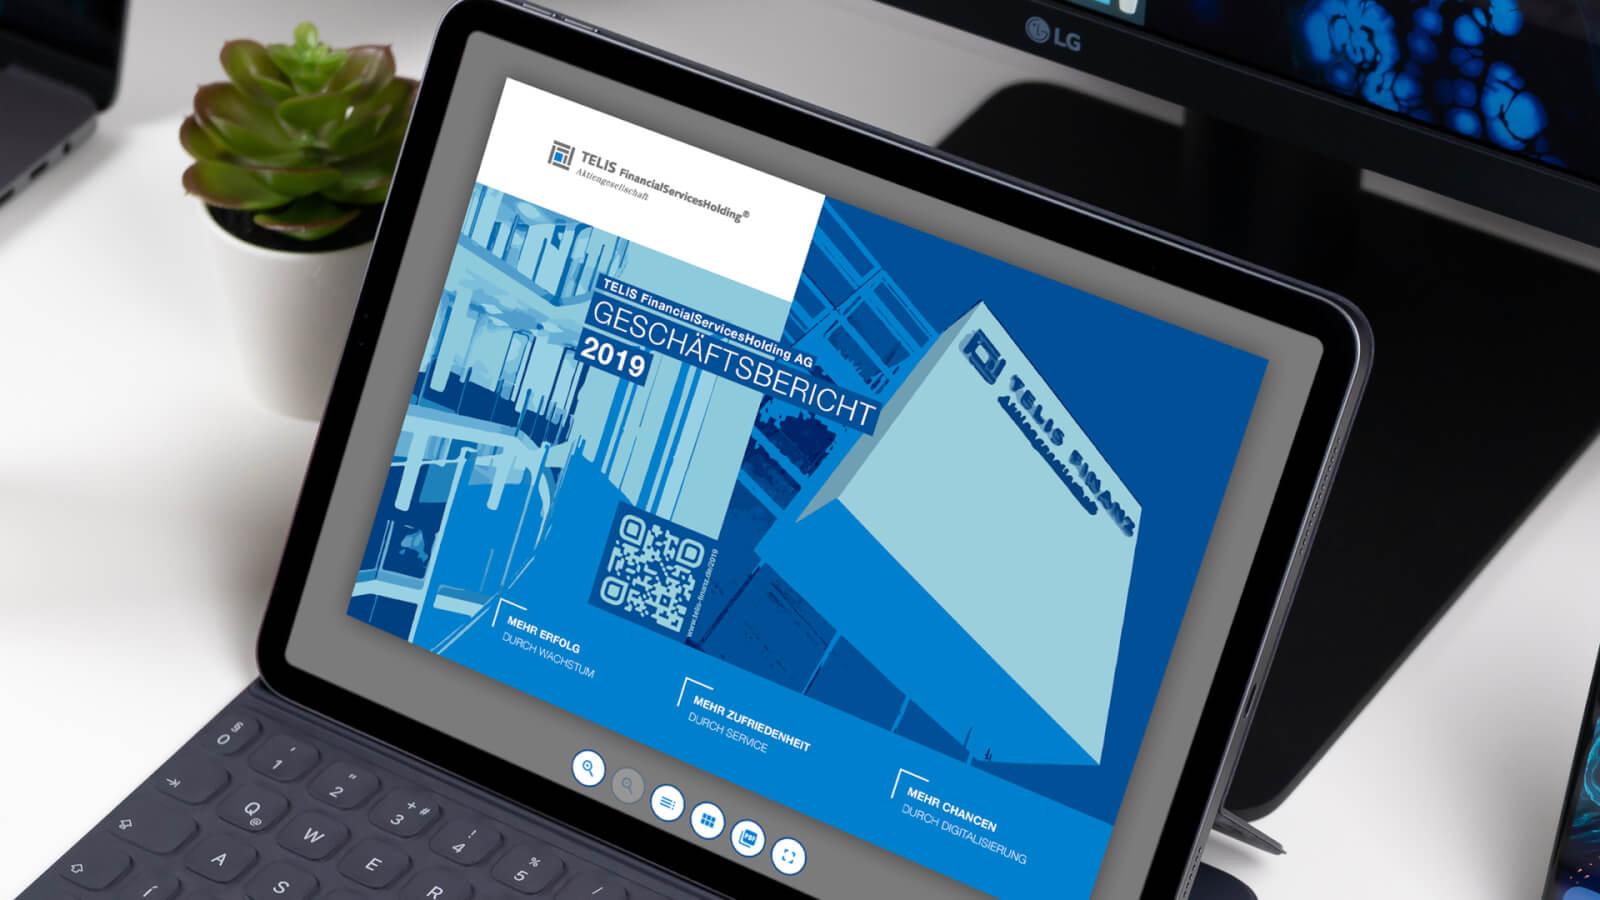 Auch-im-Geschaefsjahr-2019-hat-die-TELIS-Unternehmensgruppe-Ihre-Erfolgsserie-fortgesetzt